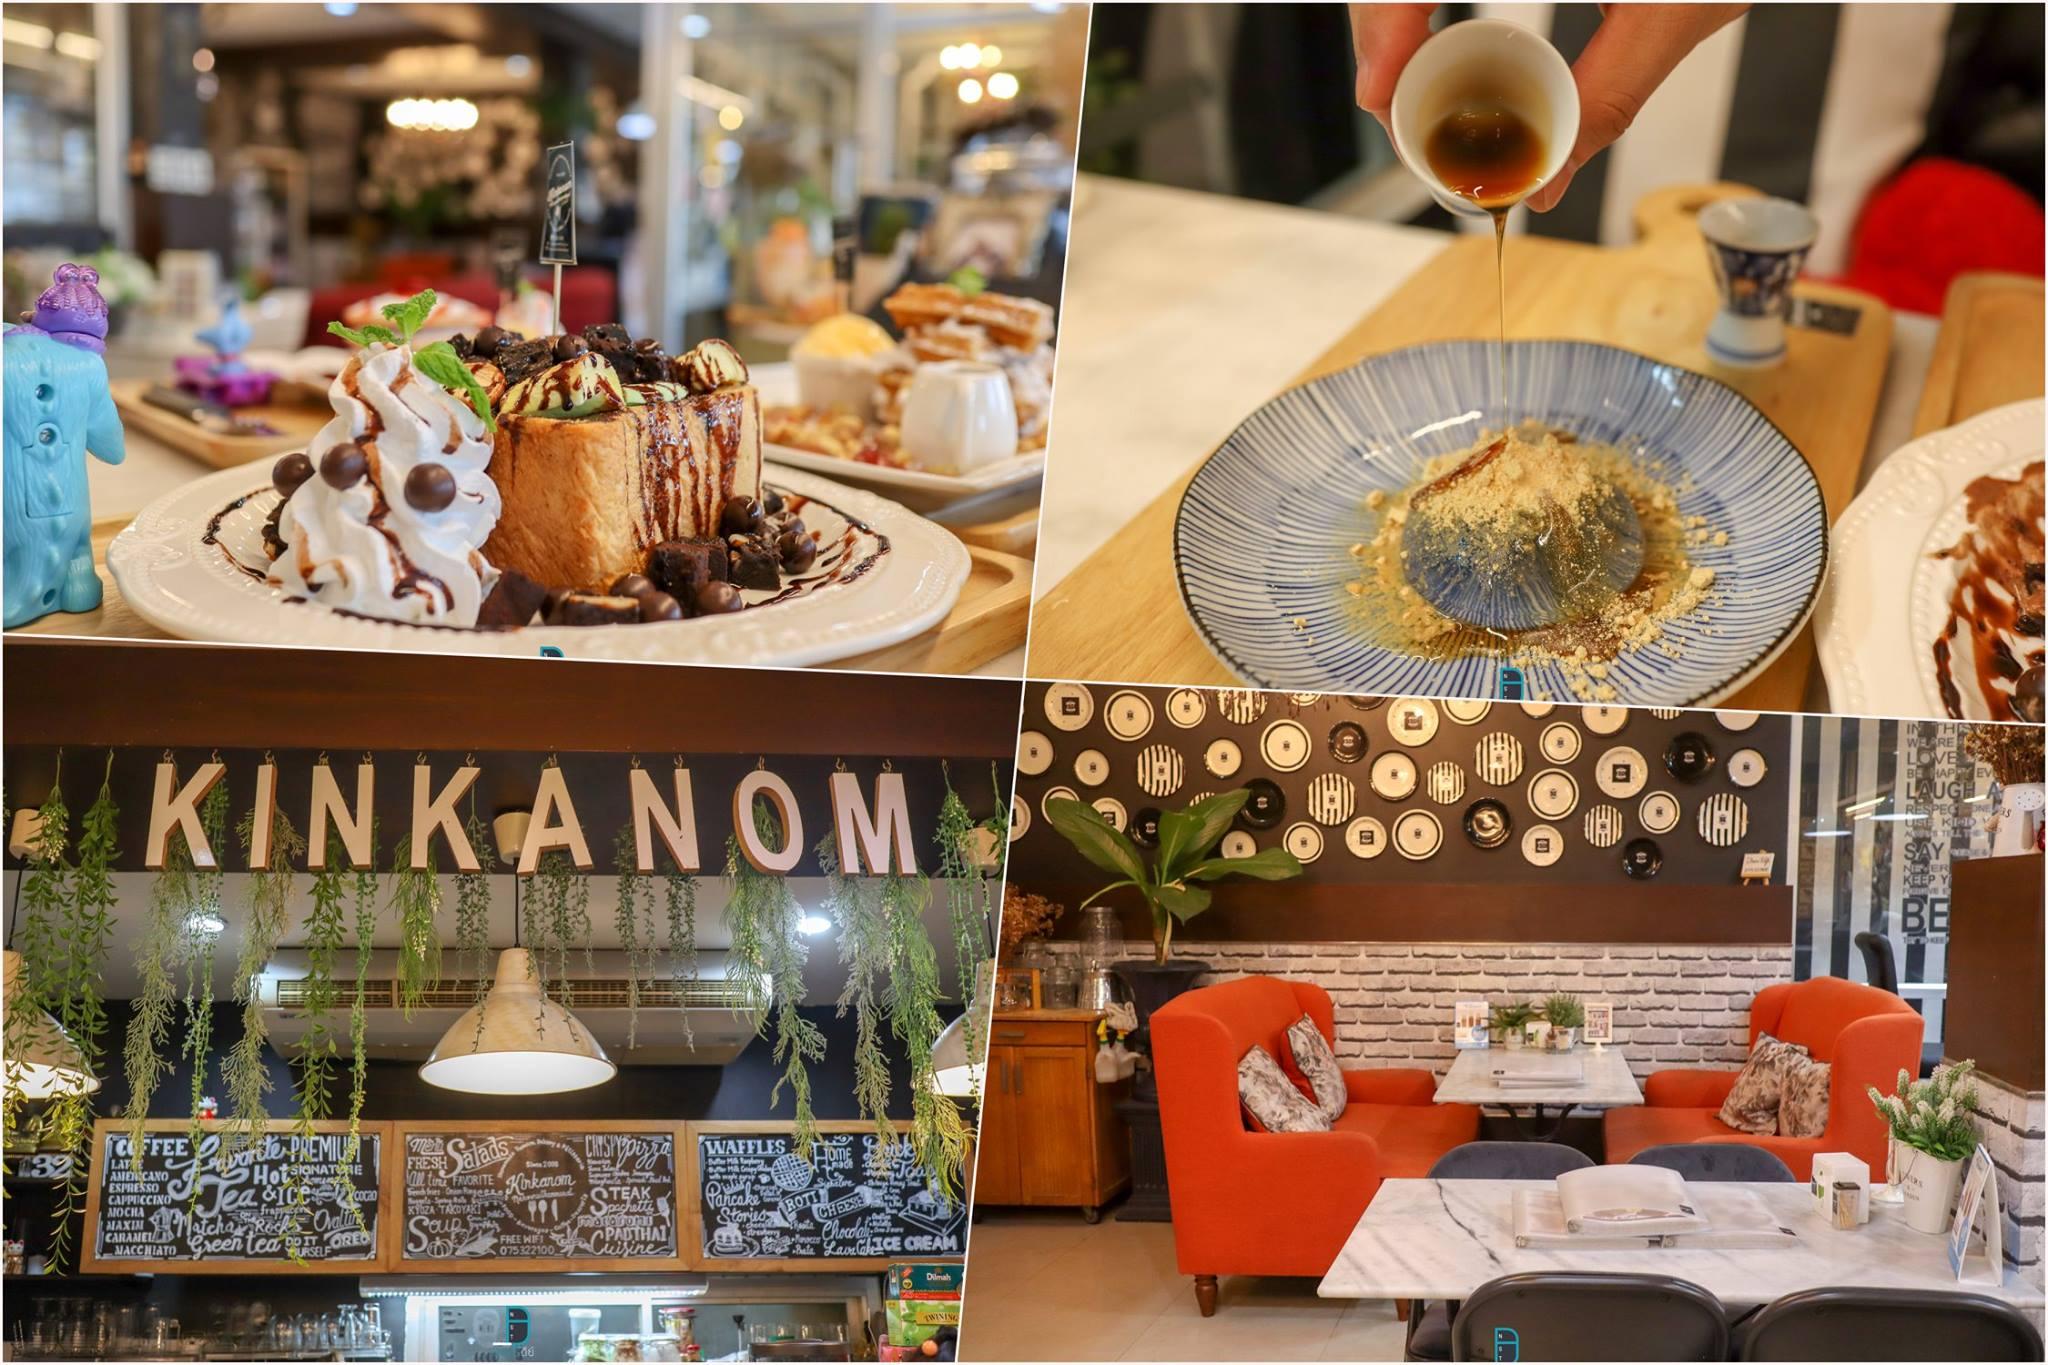 14.-กิน-ขะ-หนม ร้านนี้ไม่ต้องรีวิวเยอะ-ถือว่าสุดยอดอยู่แล้ว-เรื่องเมนูมีเกือบ-100-หน้า--หรือเกินหว่า--มีทุกอย่างสำหรับของหวานที่คุณต้องการ-อาหารไทย-อาหารฝรั่ง-อาหารญี่ปุ่น-แทบทุกจะชนิดเลยครับ-ที่นั่งสบายแอดมินไปนั่งทำงานเงียบๆสงบๆได้ฟิลมากครับที่นี่-การตกแต่งมีสีเขียวสบายตาอย่างลงตัวไปลองกันนะครับ พิกัด-:-เมืองทอง-นครศรีฯ ร้านกินขะหนมนครศรีธรรมราช คาเฟ่,นครศรีธรรมราช,2021,จุดกิน,ของกิน,วิวหลักล้าน,ร้านกาแฟ